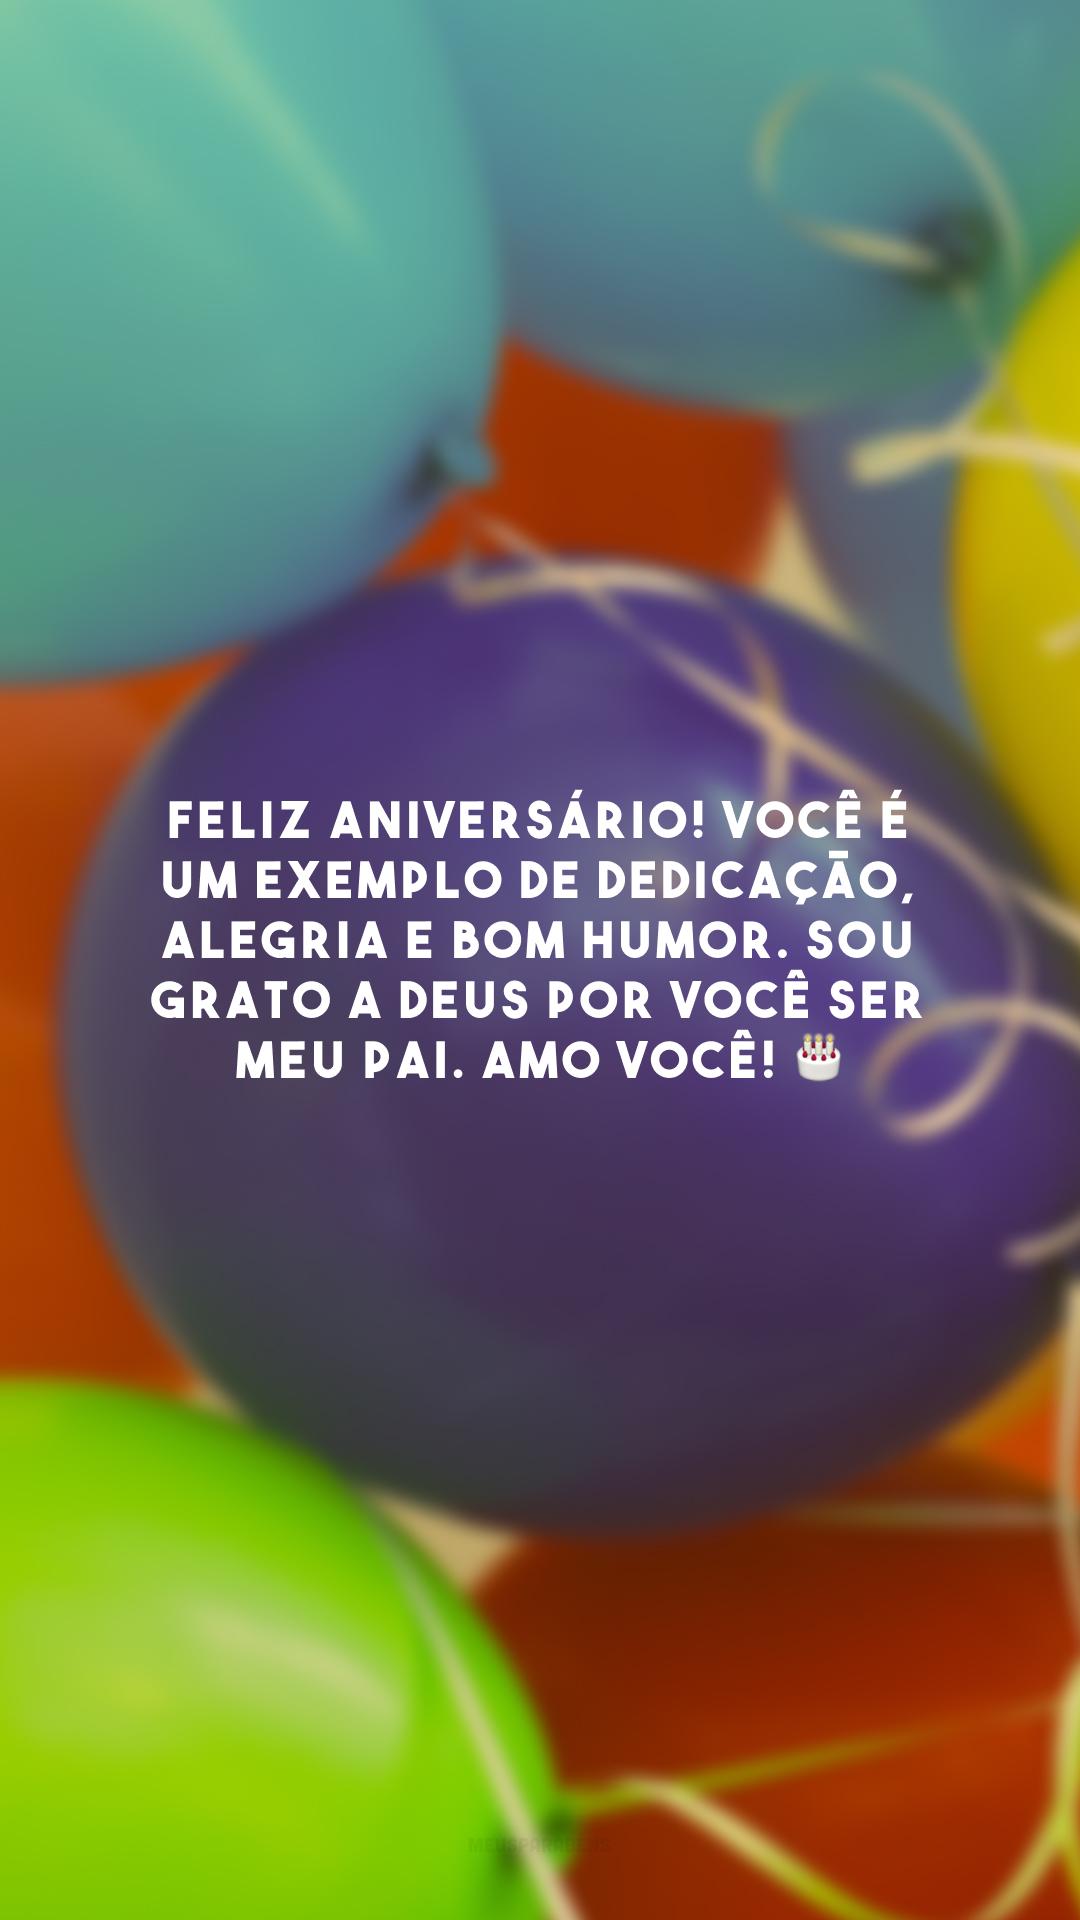 Feliz aniversário! Você é um exemplo de dedicação, alegria e bom humor. Sou grato a Deus por você ser meu pai. Amo você! 🎂